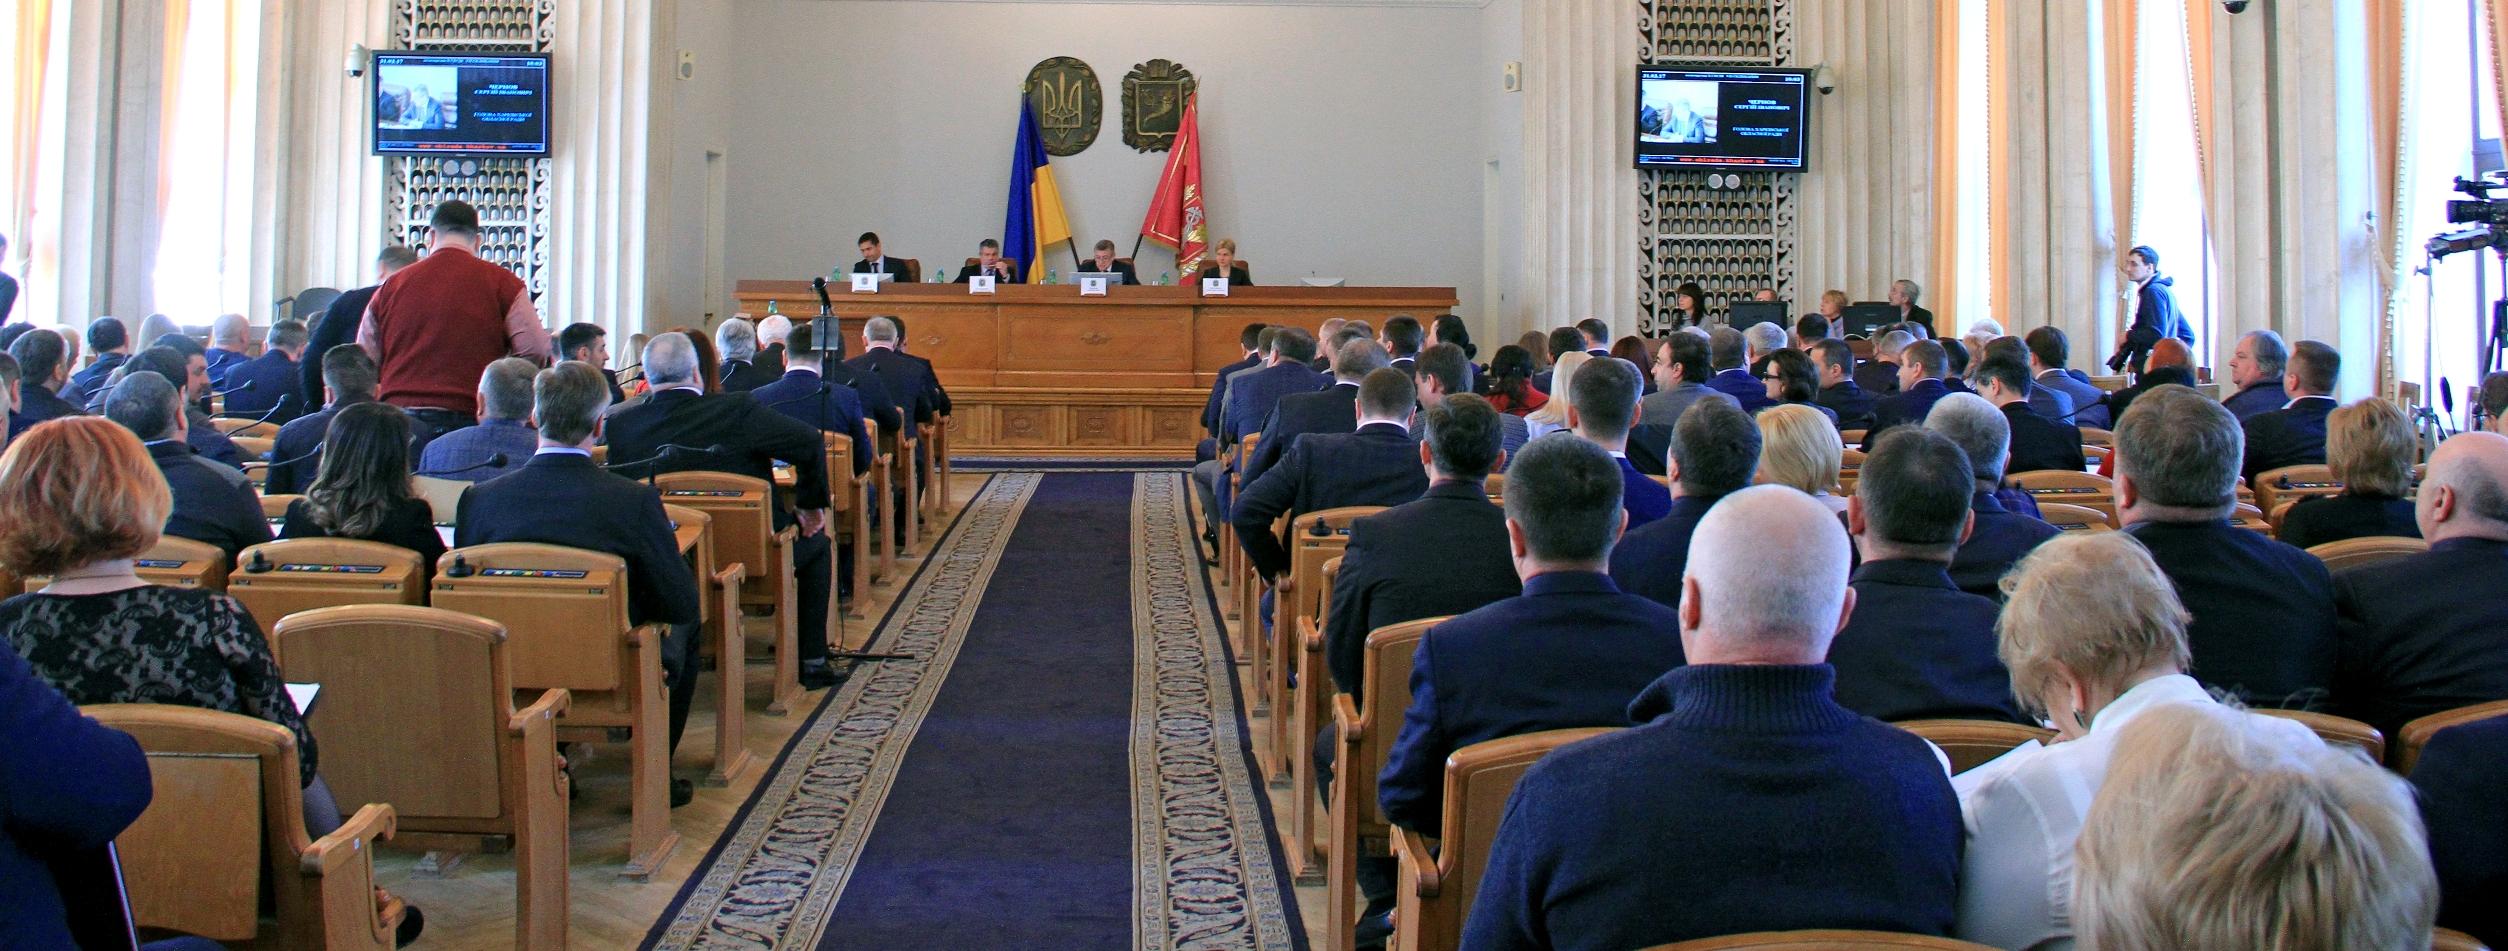 У Харкові проходить ХVІІІ сесія обласної ради